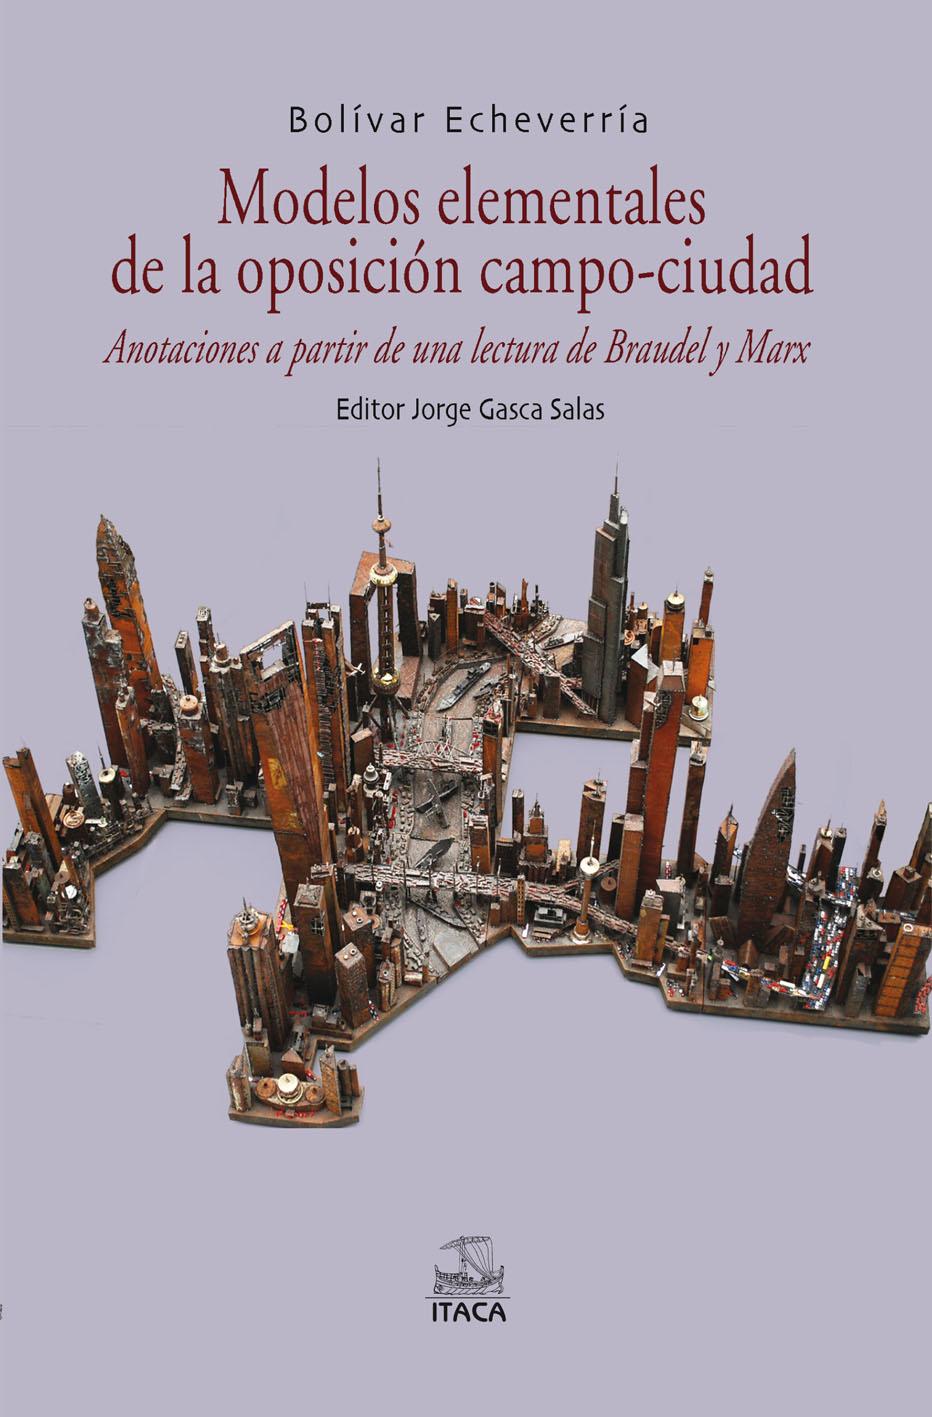 MODELOS ELEMENTALES DE LA OPOSICION CAMPO-CIUDAD